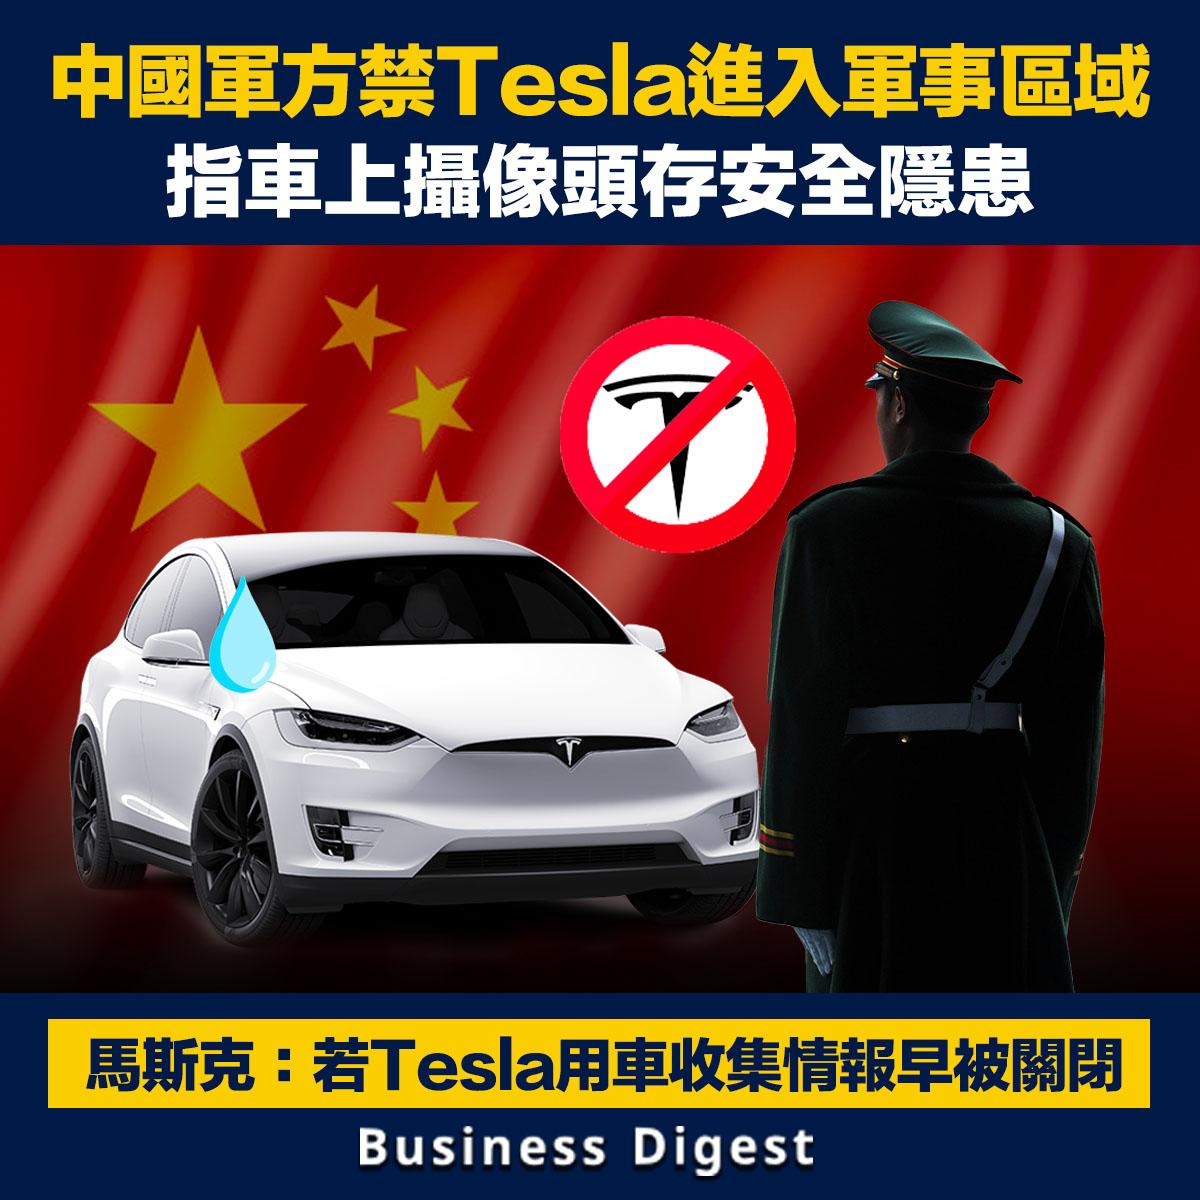 據《路透》報導,中國軍方已經禁止Tesla進入軍事區域